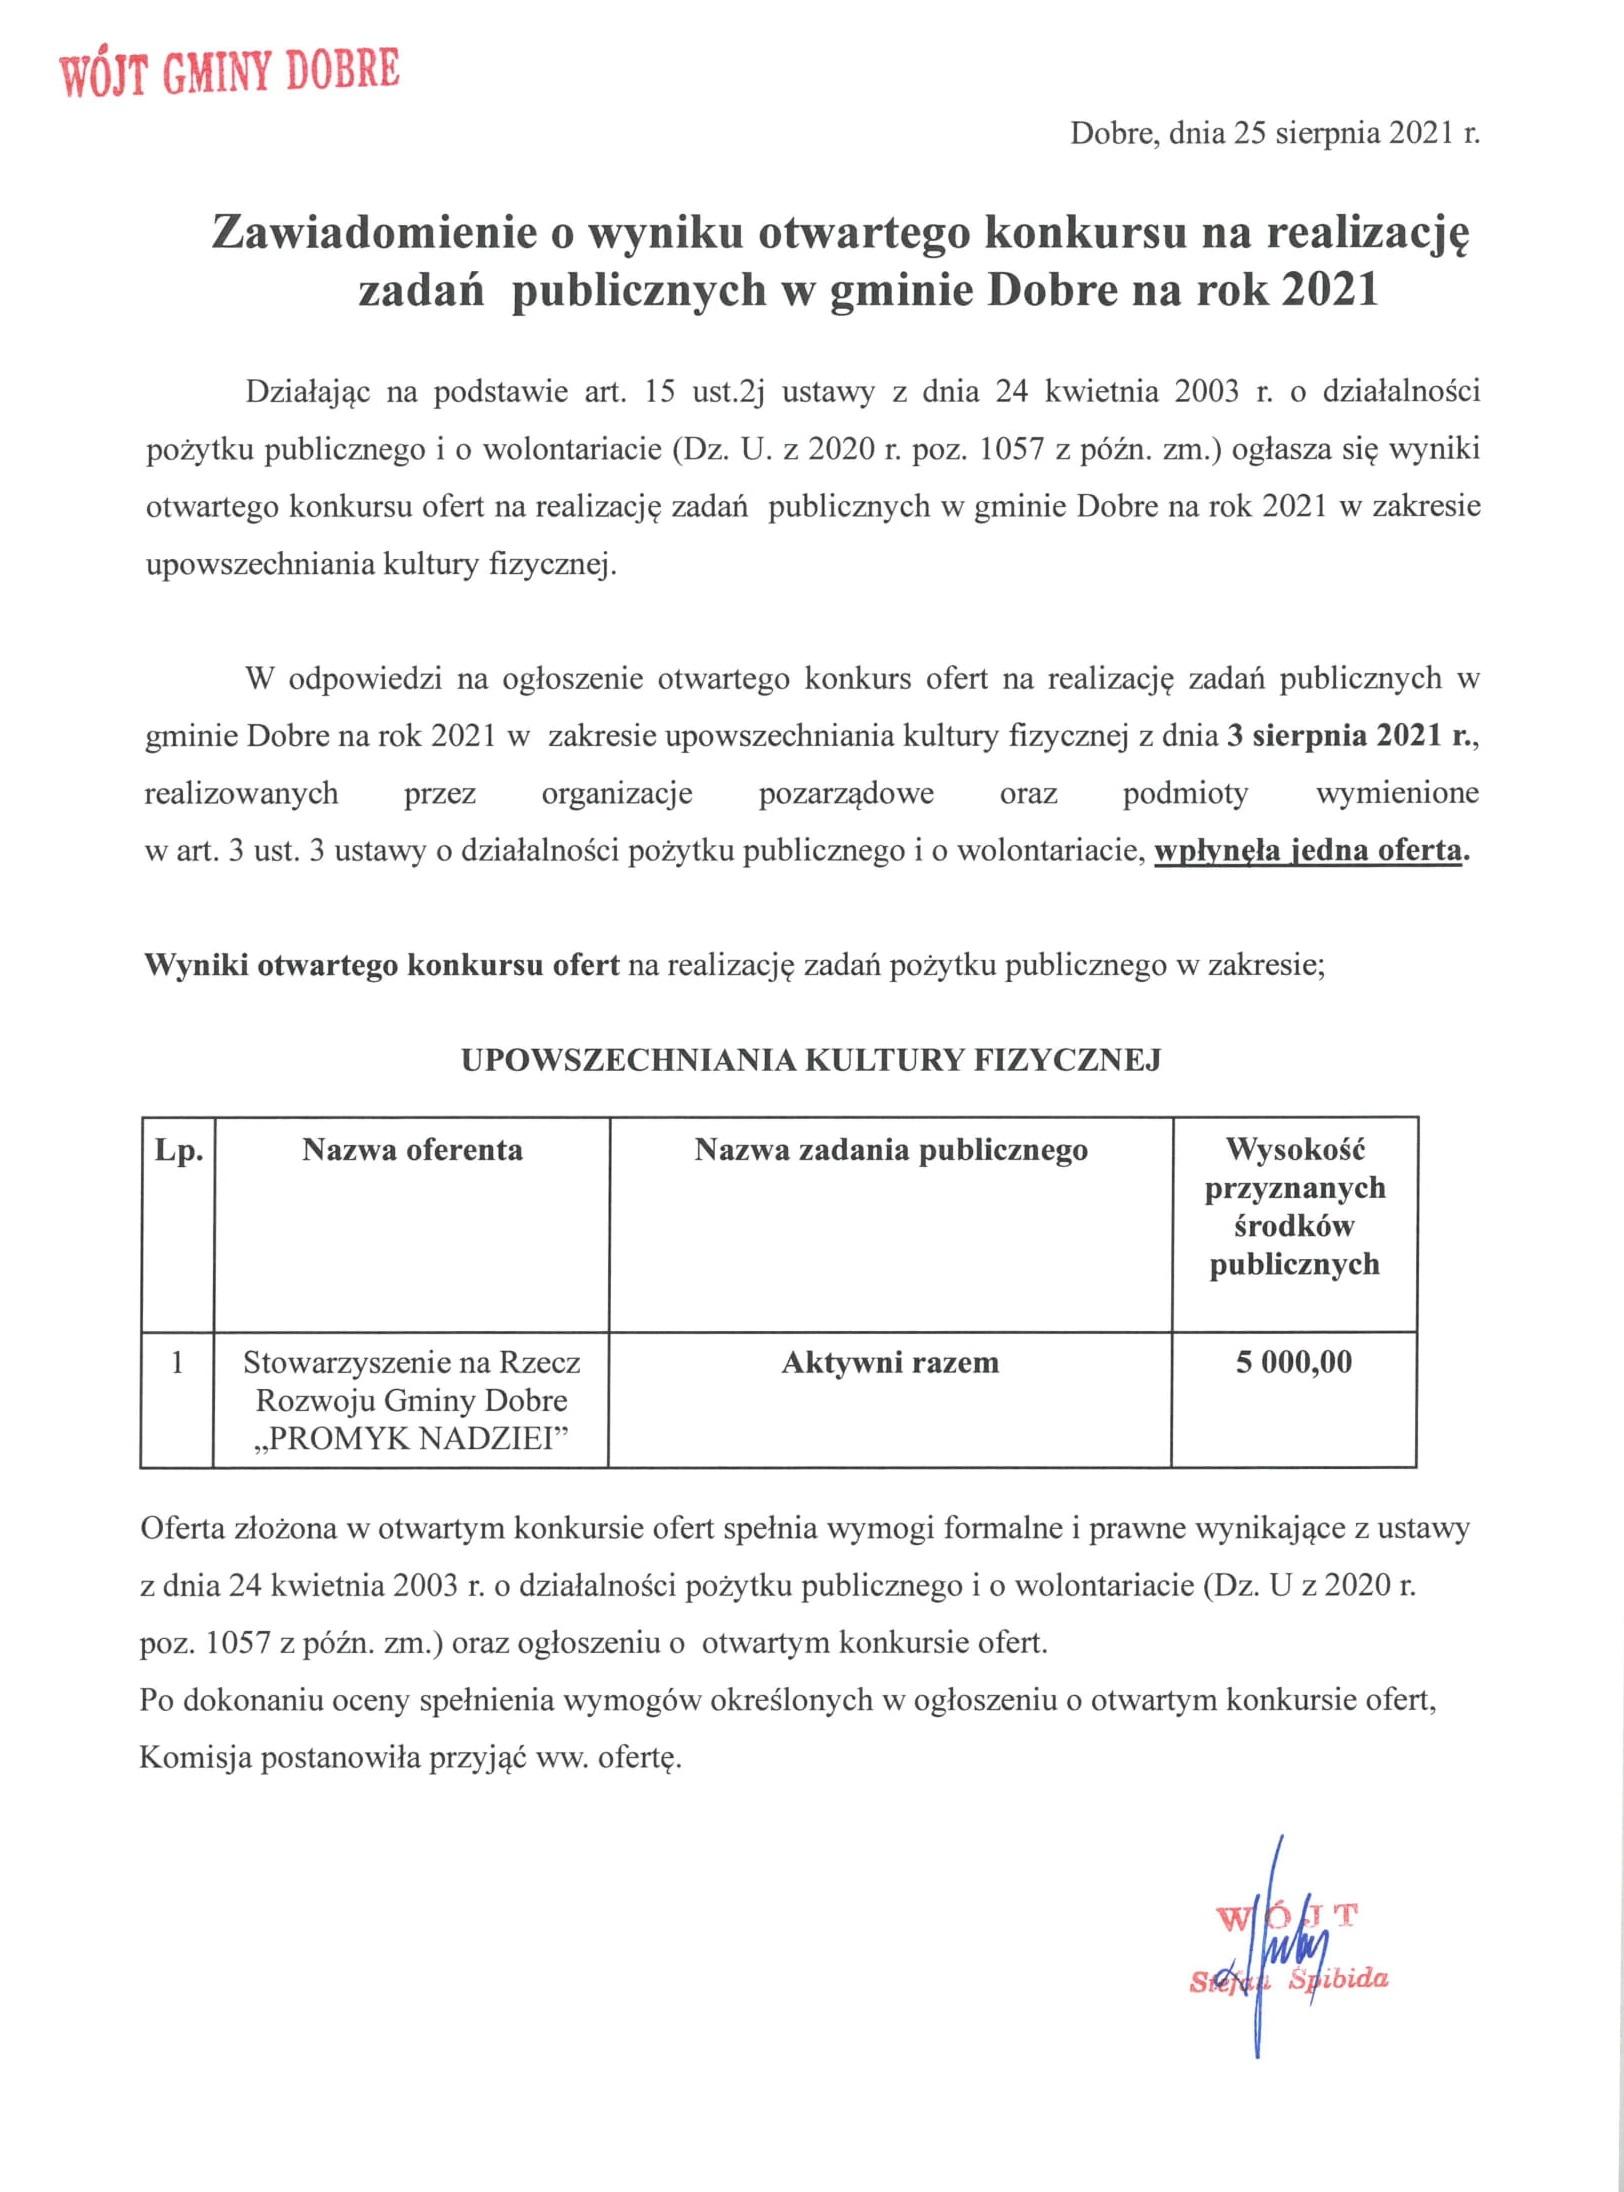 Zawiadomienie o wyniku otwartego konkursu na realizację zadań  publicznych w gminie Dobre na rok 2021-1.jpg (460 KB)